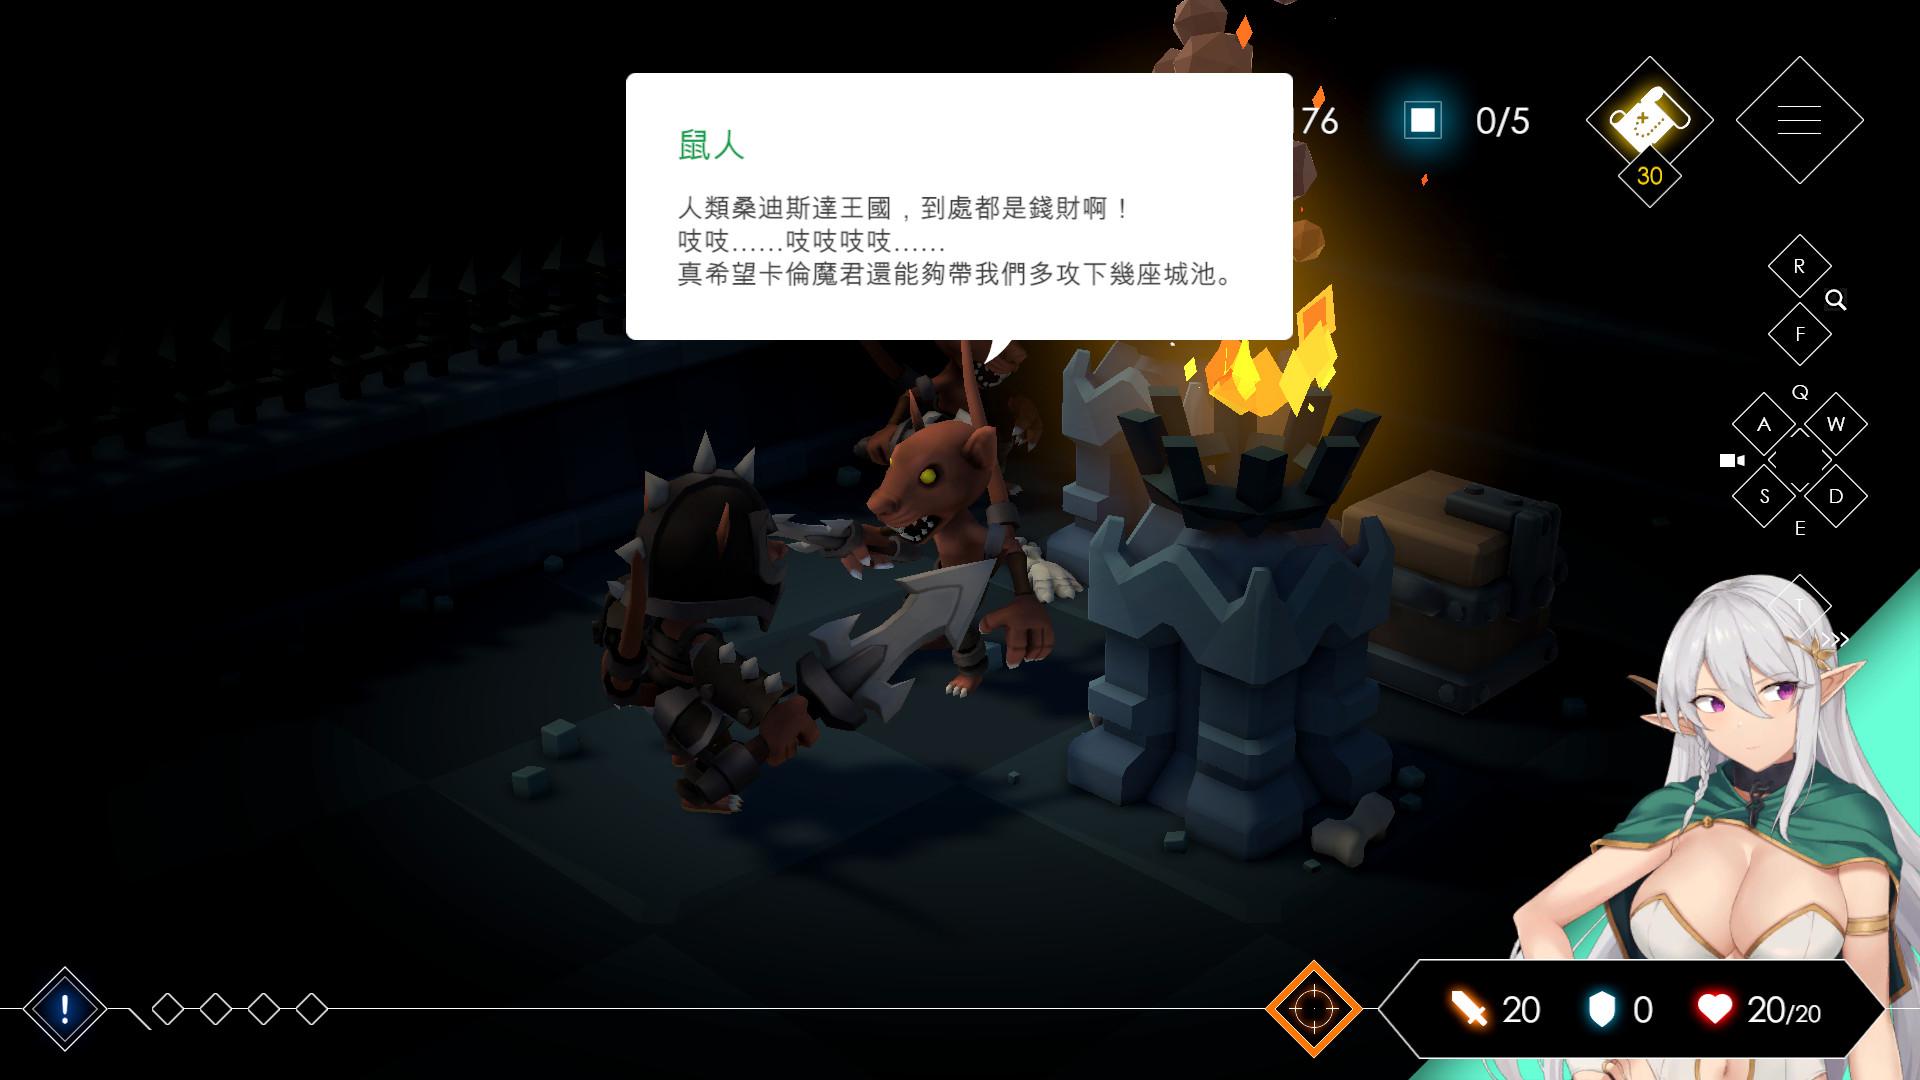 國產18禁《地牢脫出2 銀月蒼狼.蘇拉爾》續作升級3D迷宮!無碼超大CG!